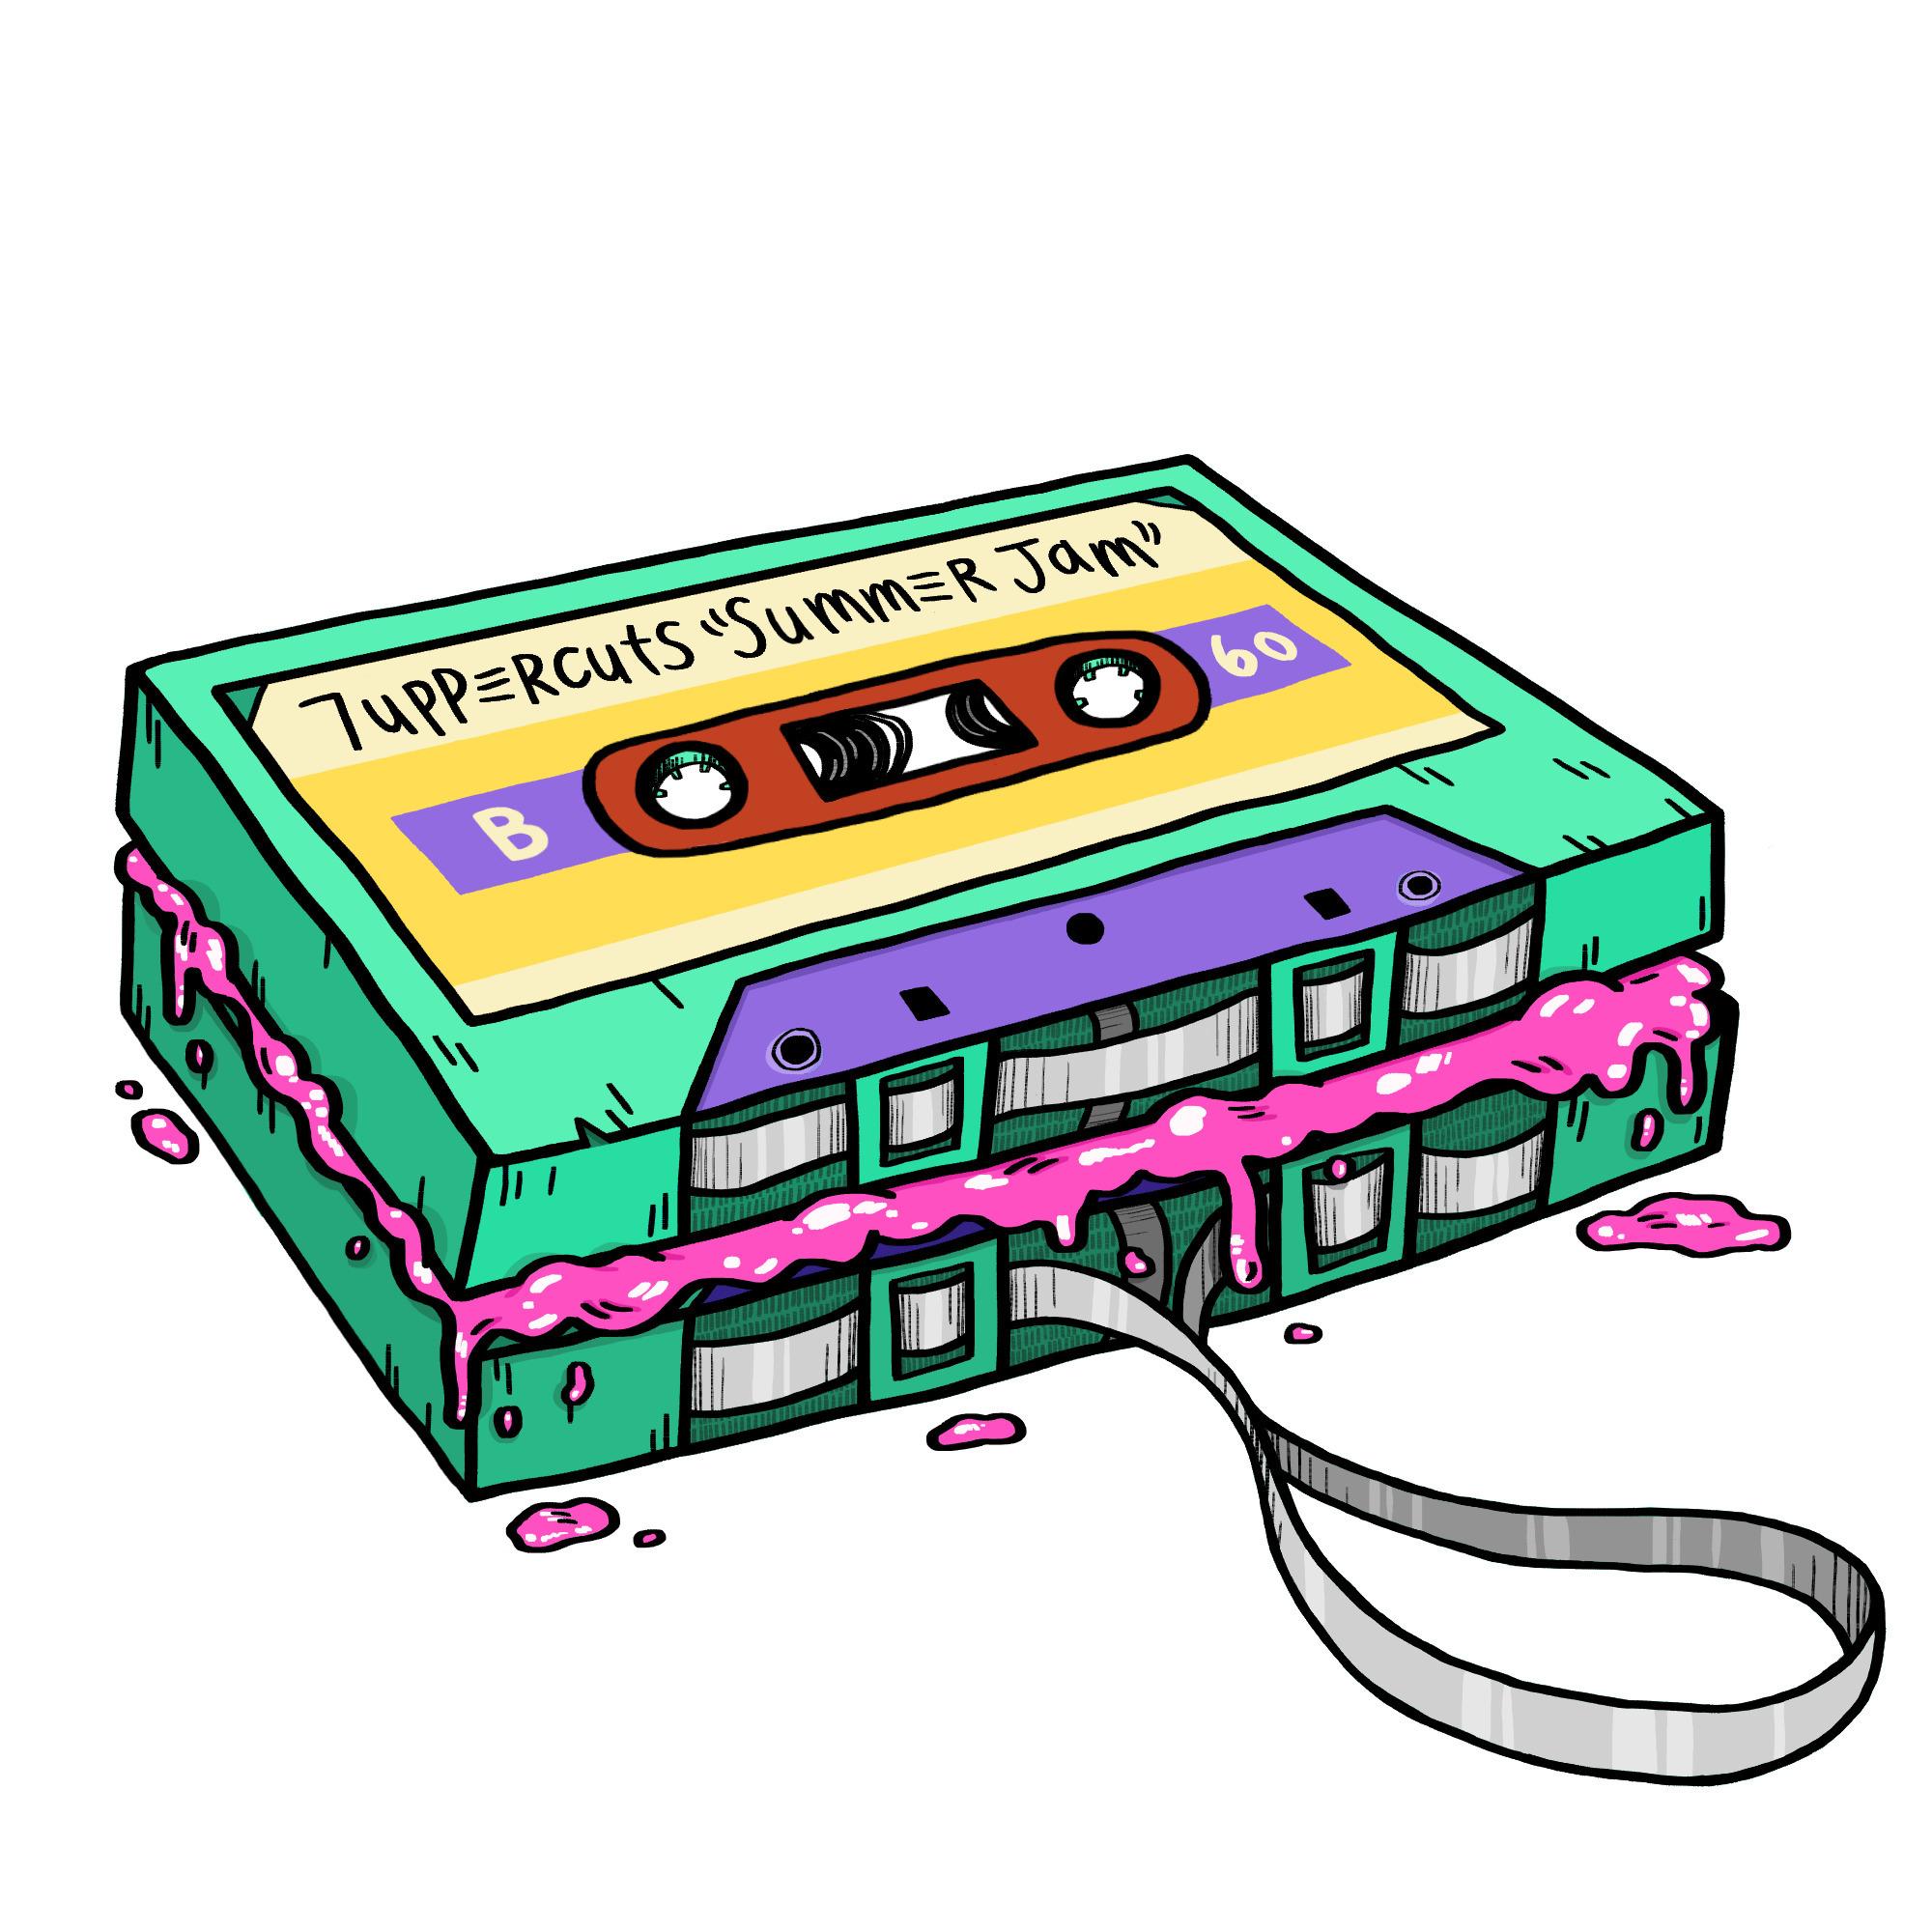 cassette sandwich - merch desig - hellbats | ello